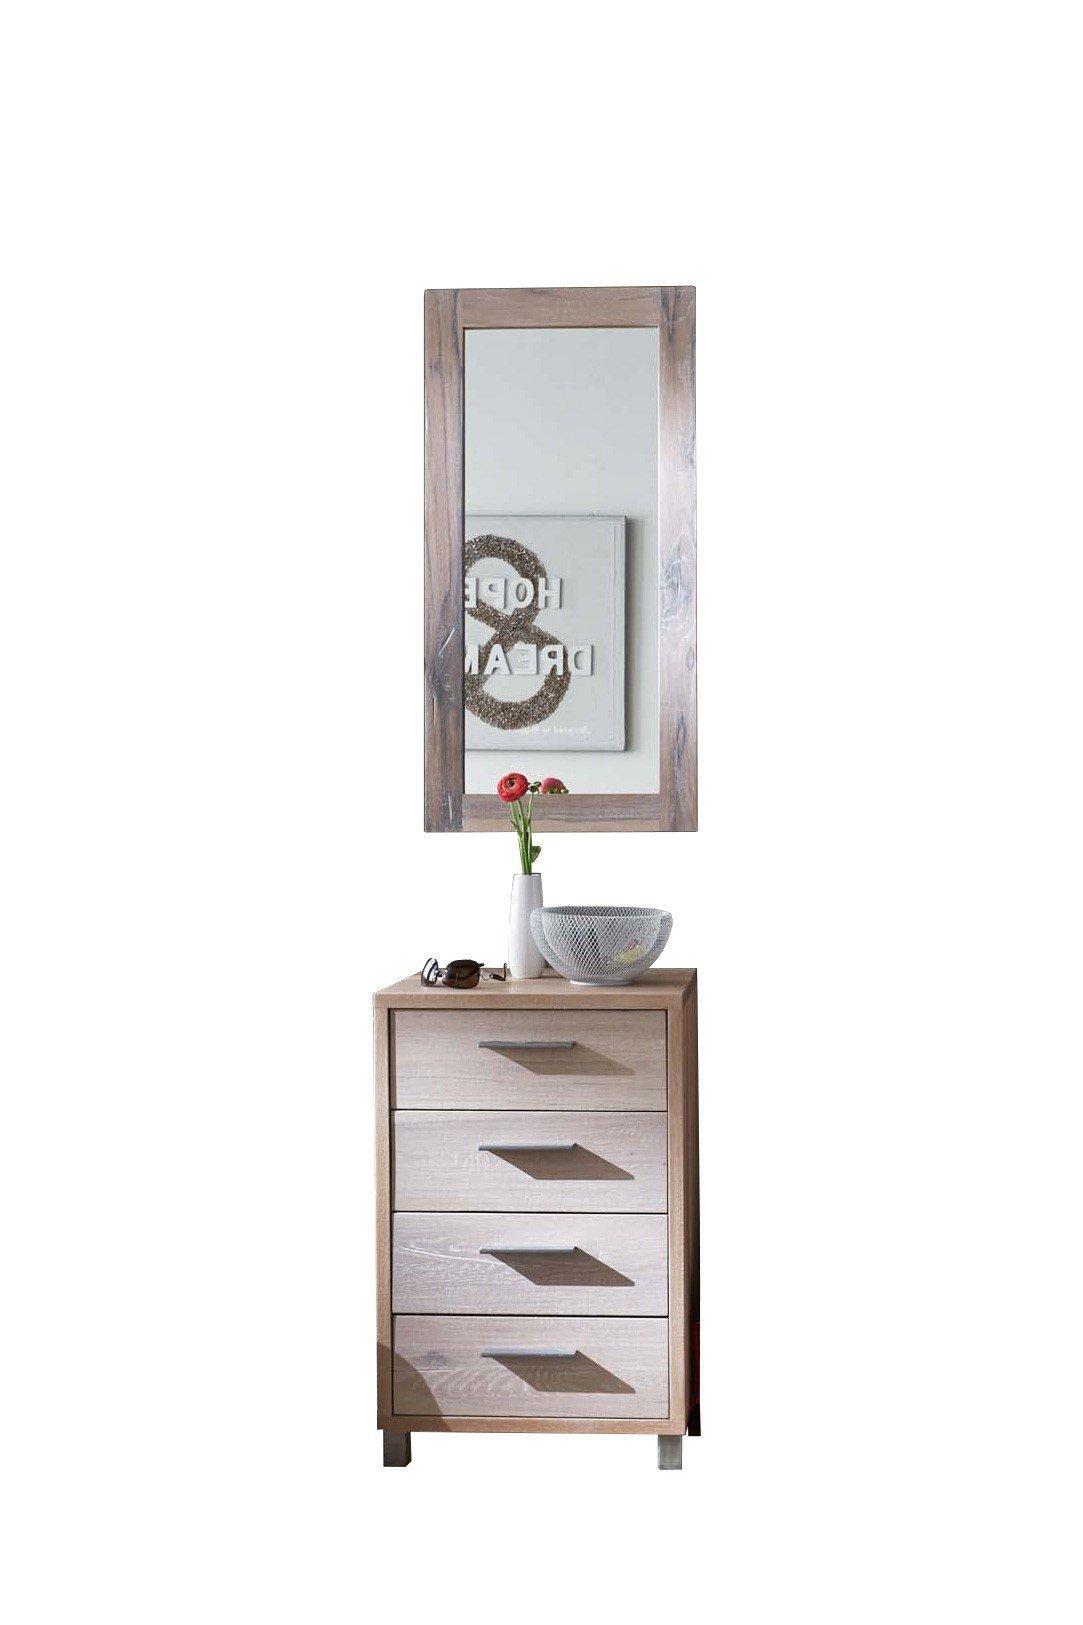 garderobe ragna balkeneiche white wash skandinavische m bel m bel letz ihr online shop. Black Bedroom Furniture Sets. Home Design Ideas